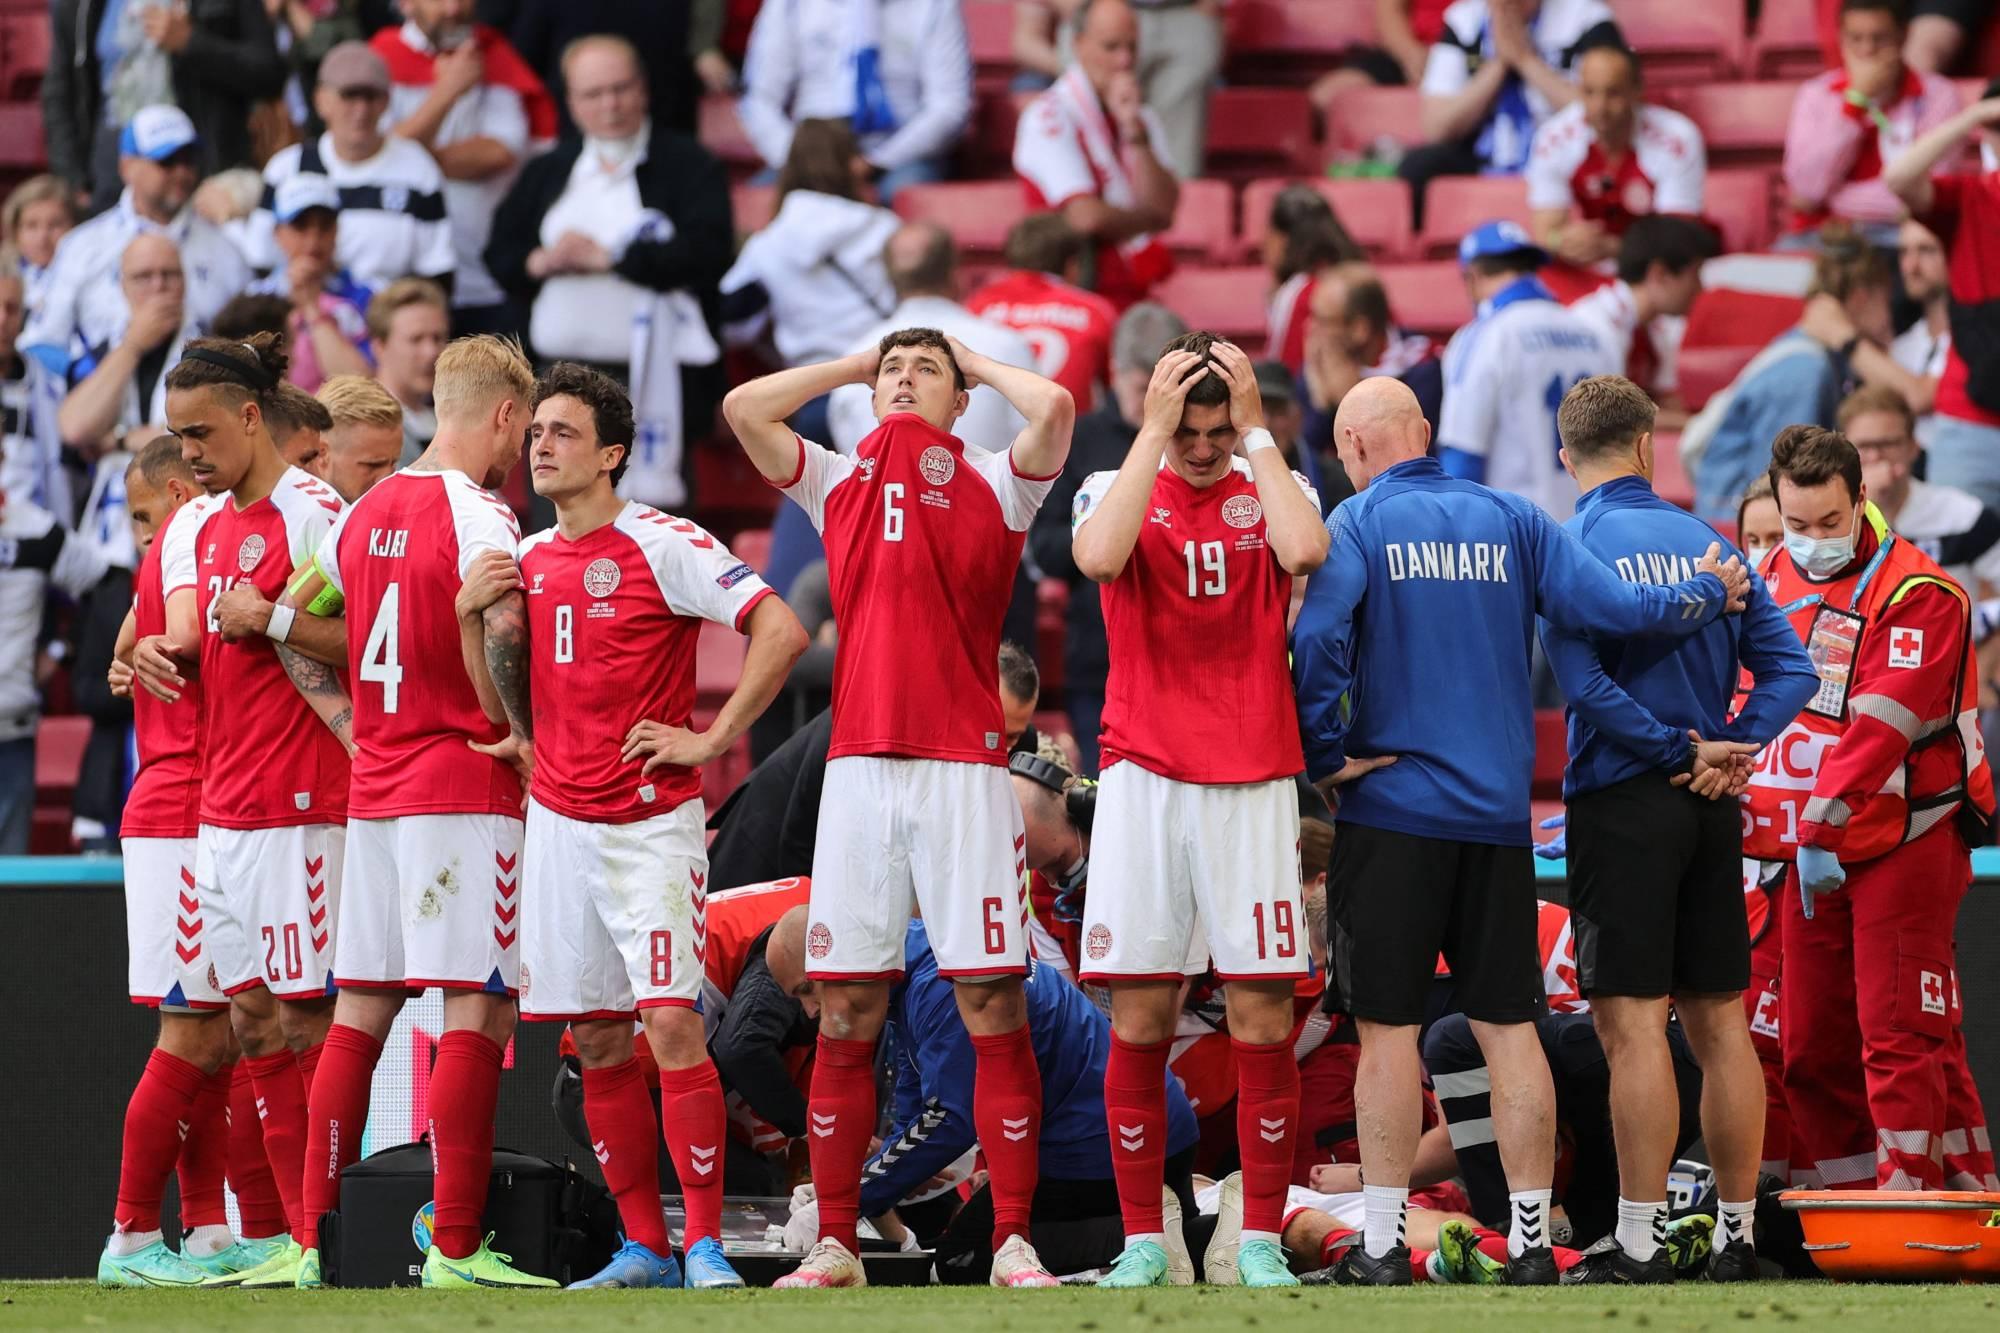 Jogadores da Dinamarca ficaram em volta do atleta enquanto médicos o ressuscitavam - Foto: Pool/Via AFP-JIJI